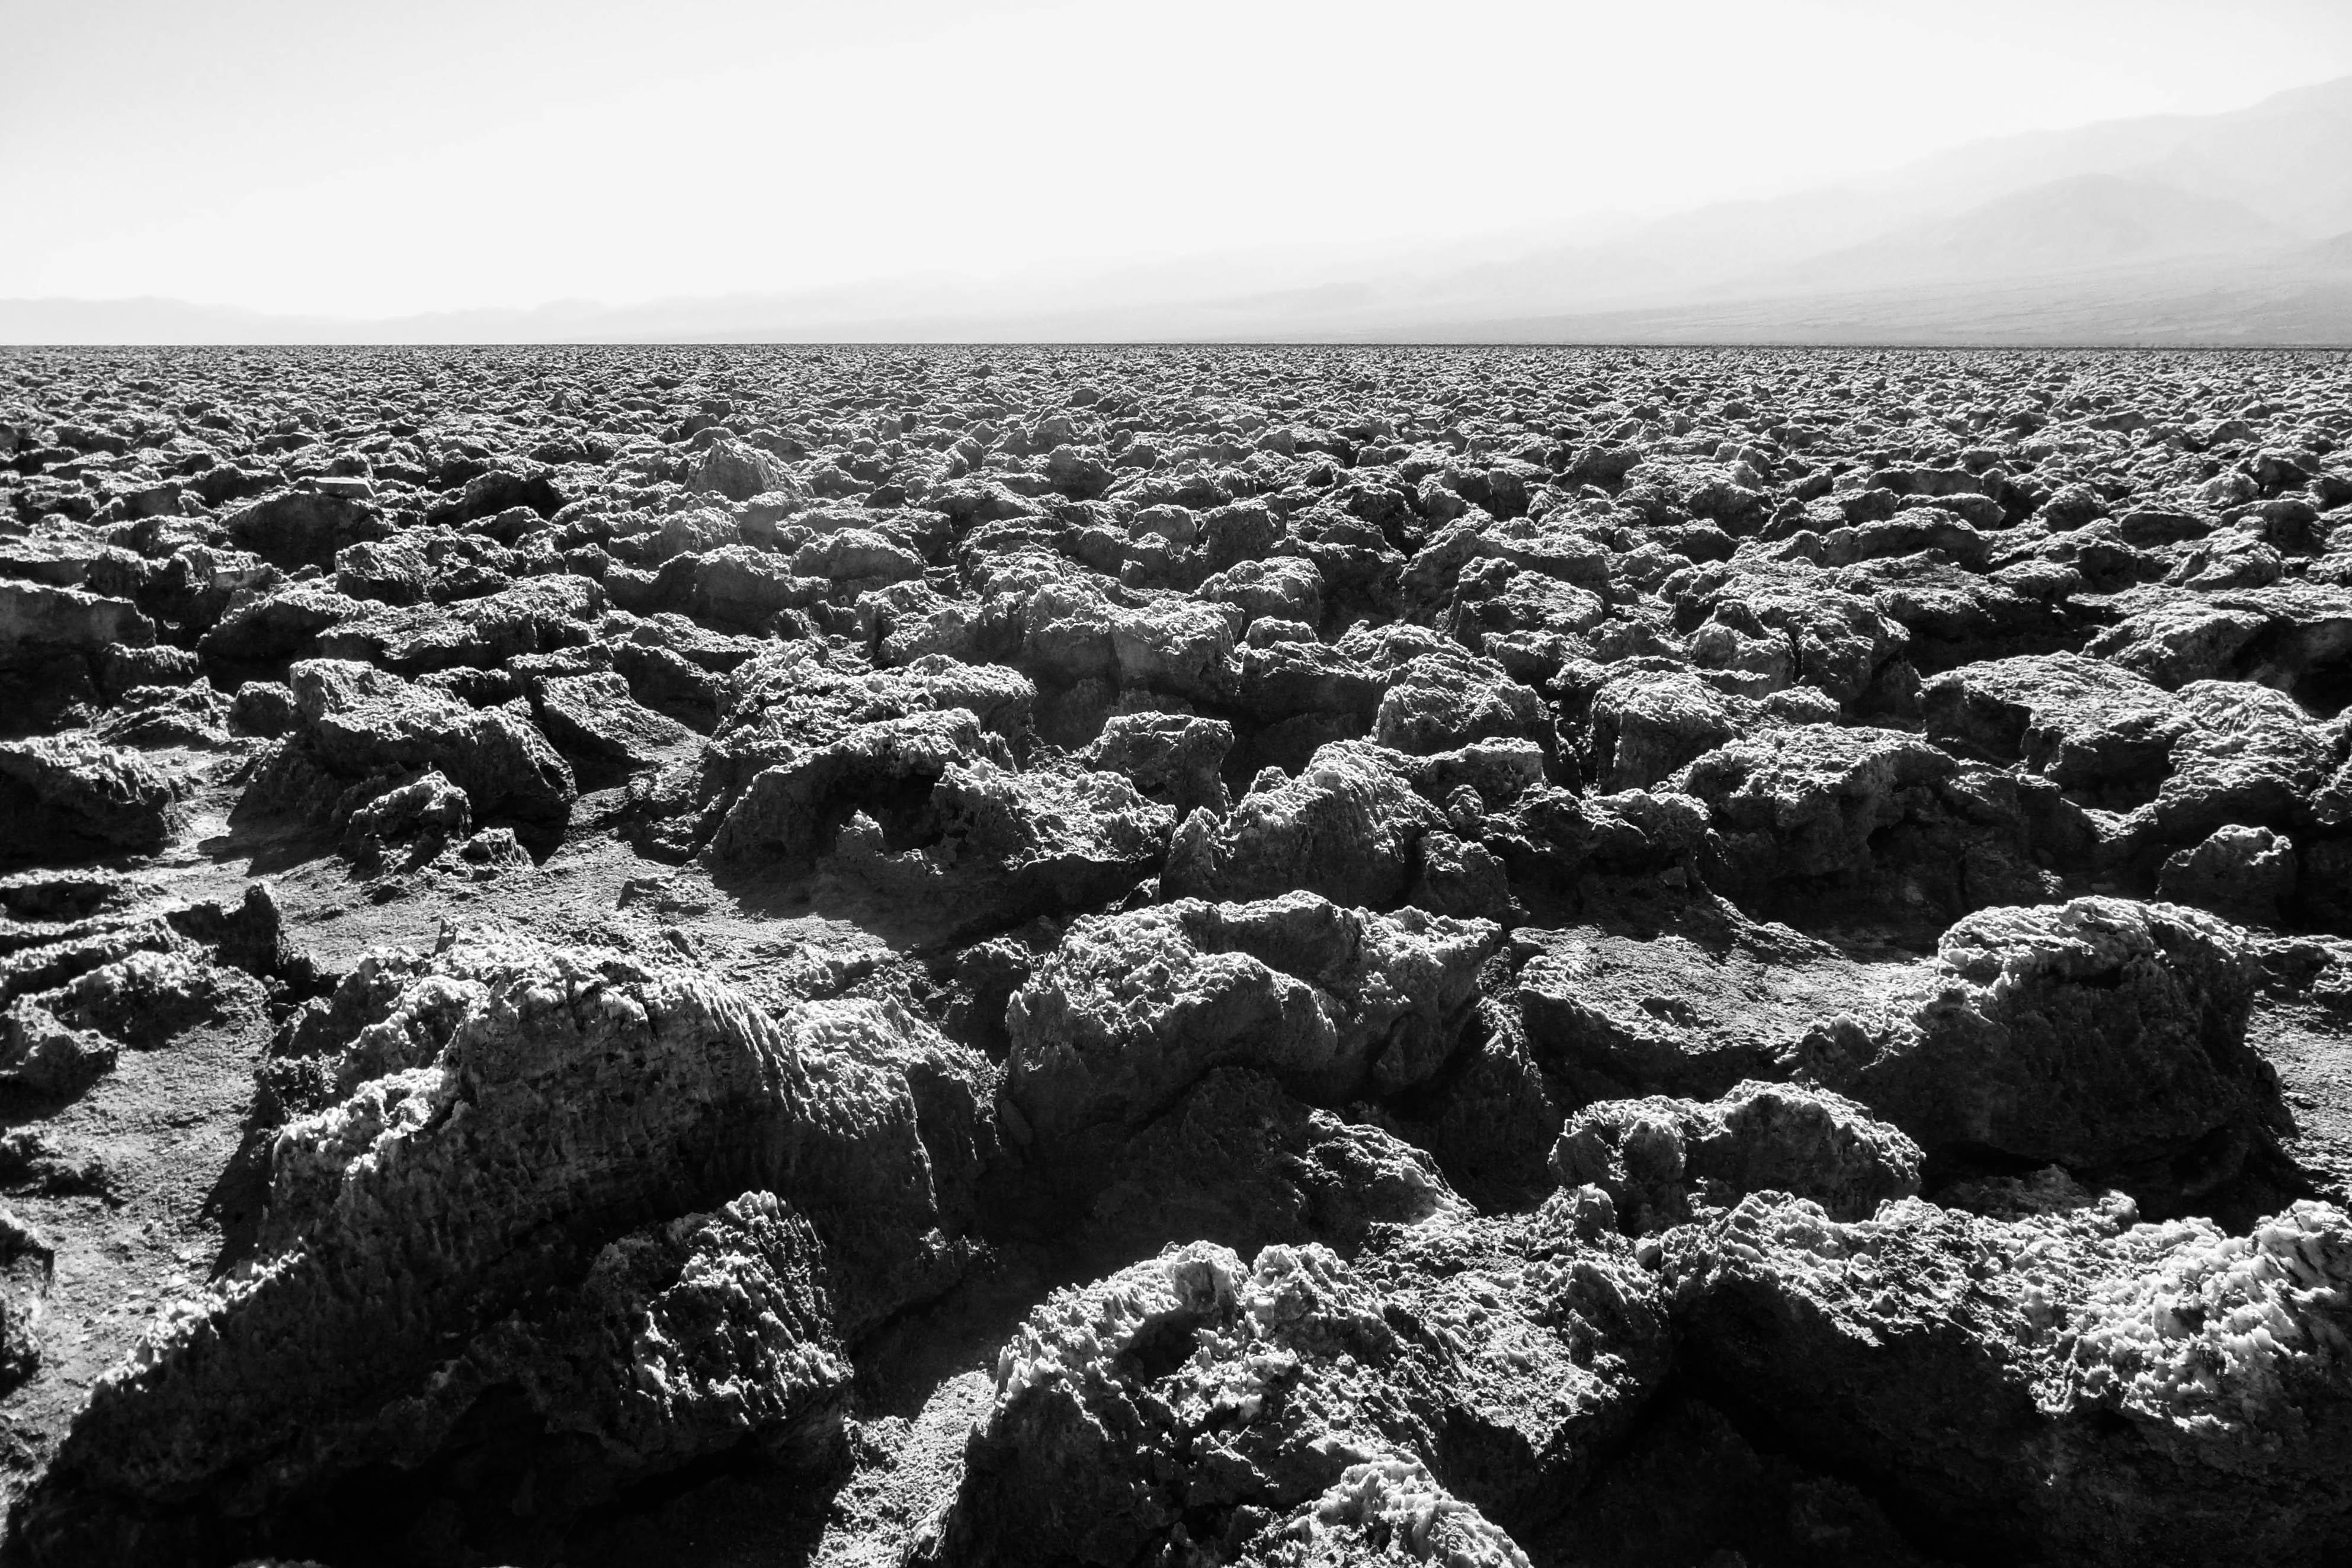 Devil's Corn Field in Death Valley